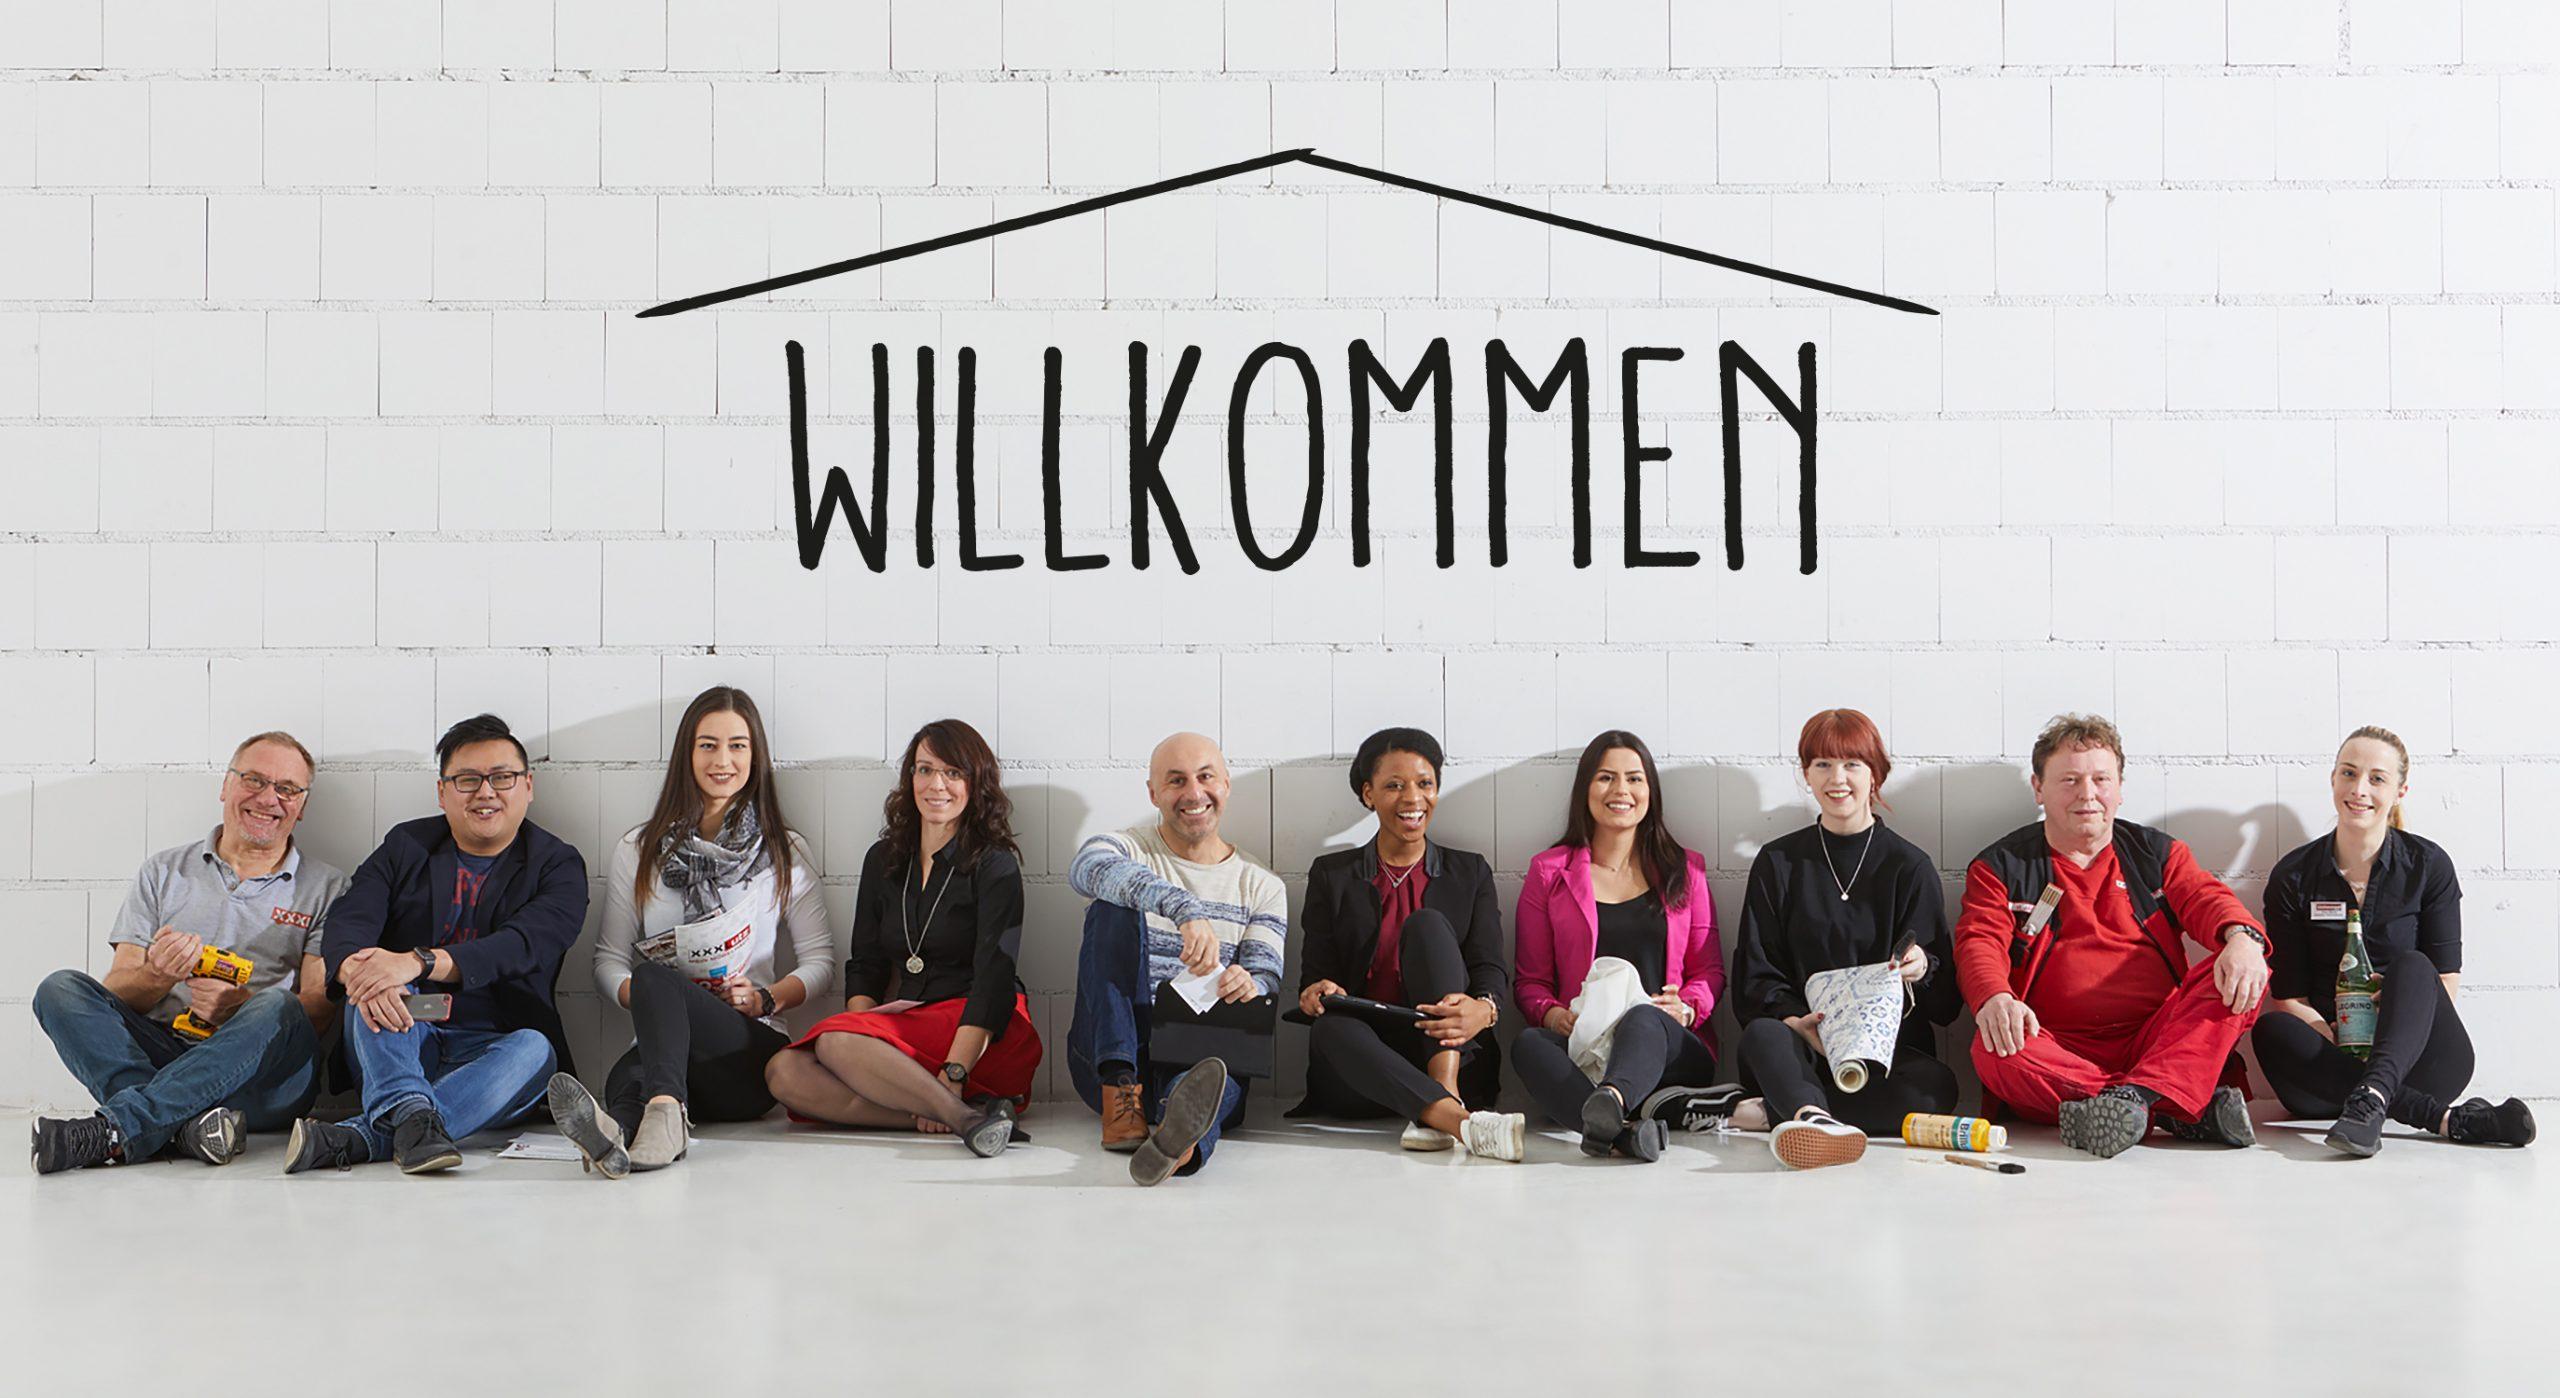 """Team vor Ziegelwand mit """"Wilkommen"""" beschriftet"""